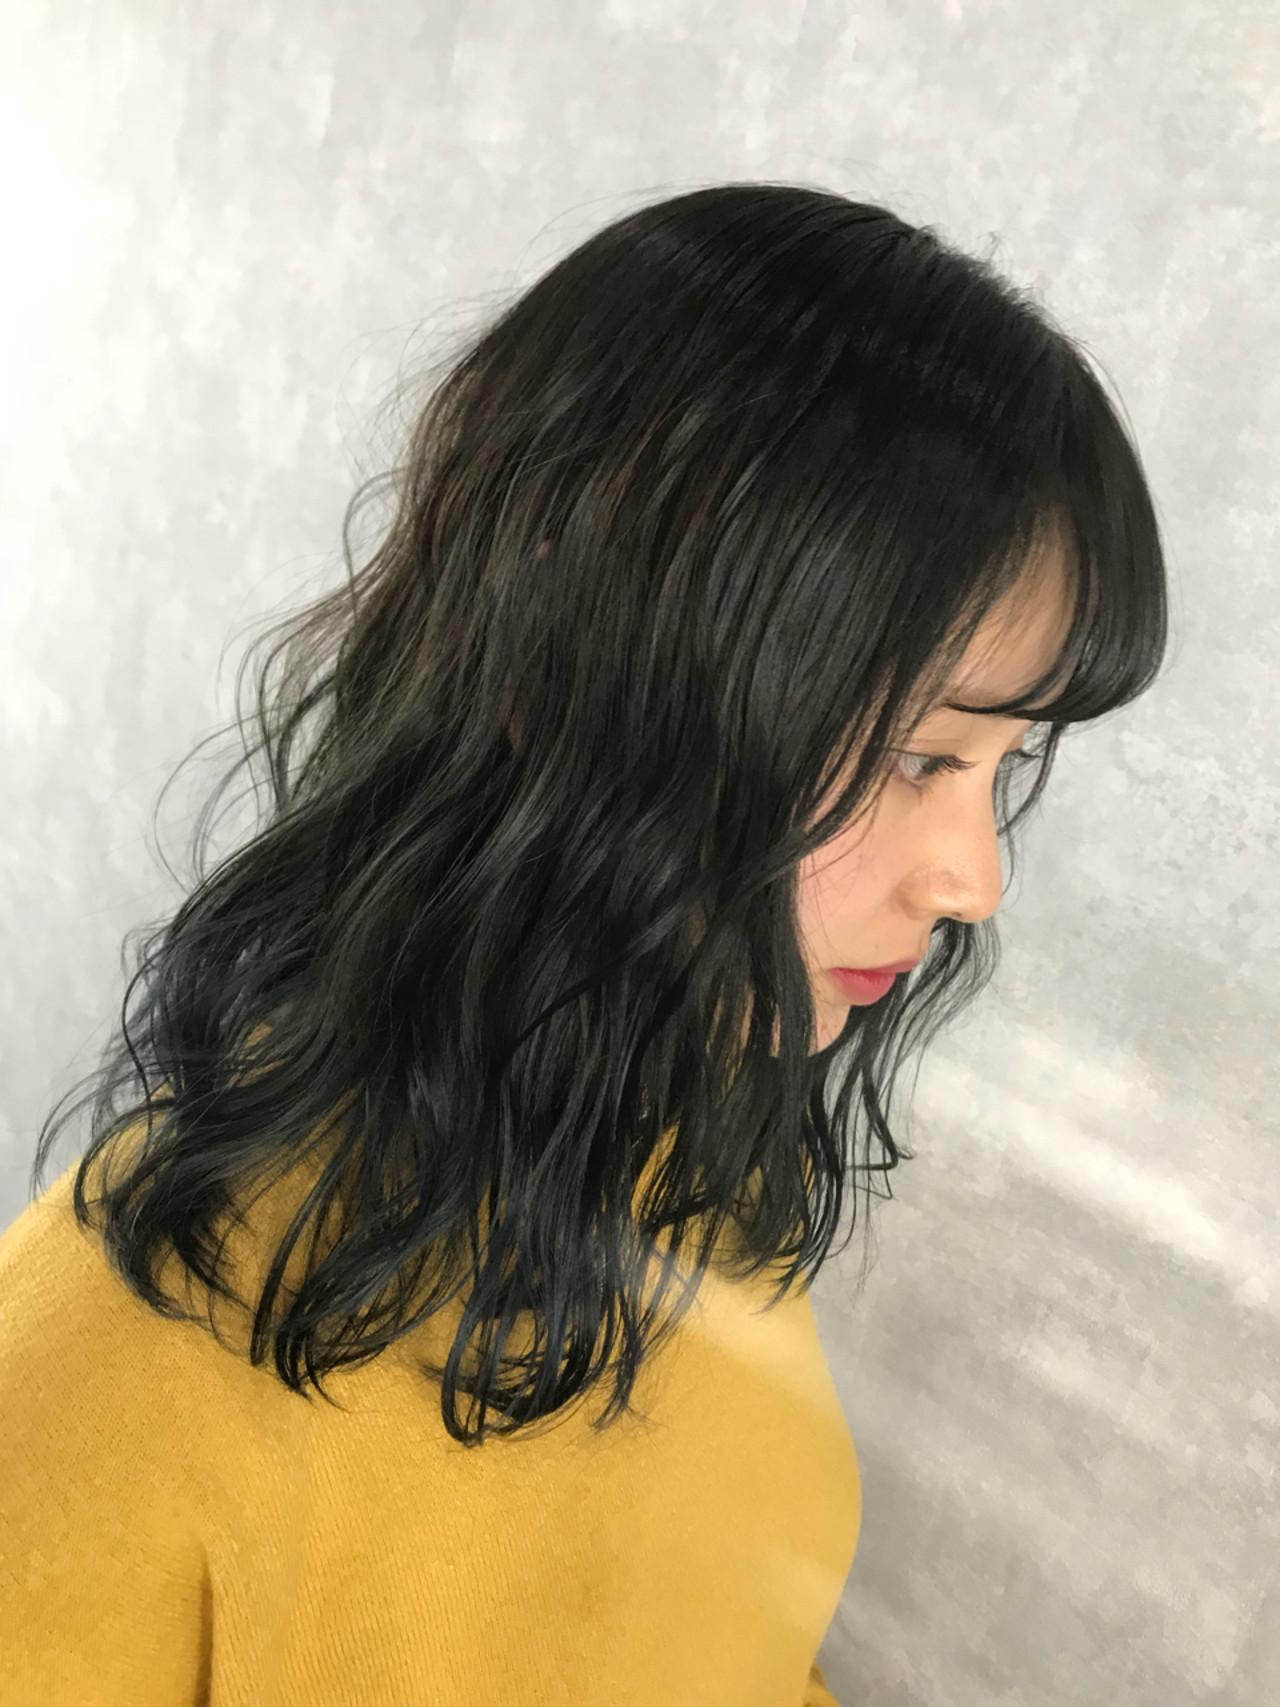 グラデーションカラー インナーカラー ハイライト ストリート ヘアスタイルや髪型の写真・画像